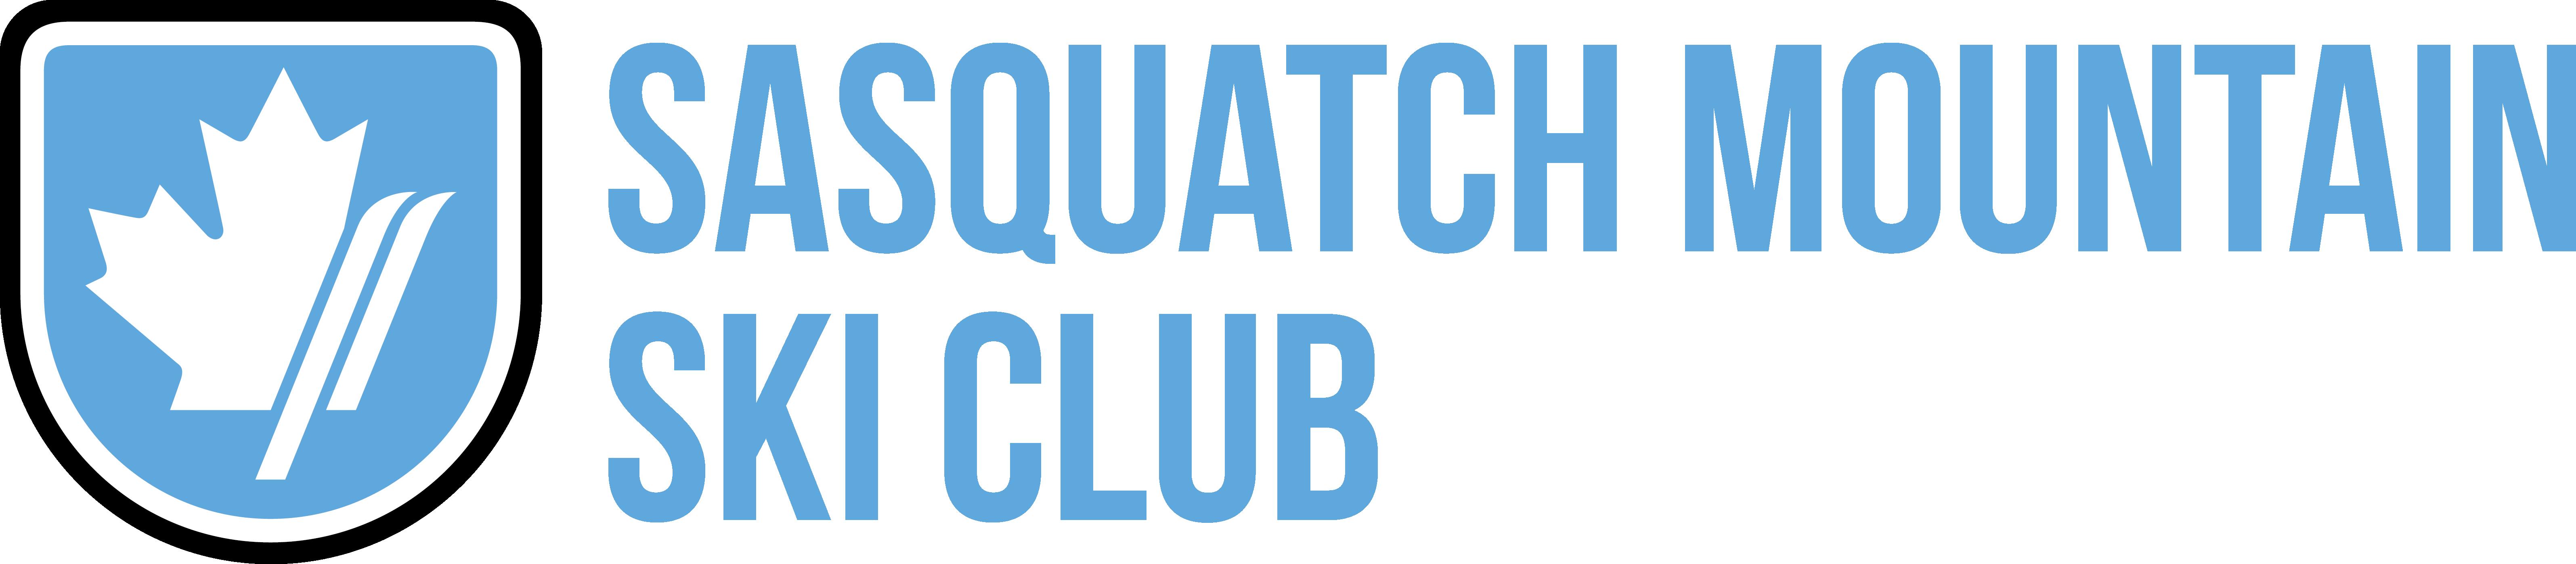 Sasquatch Mountain Ski Club